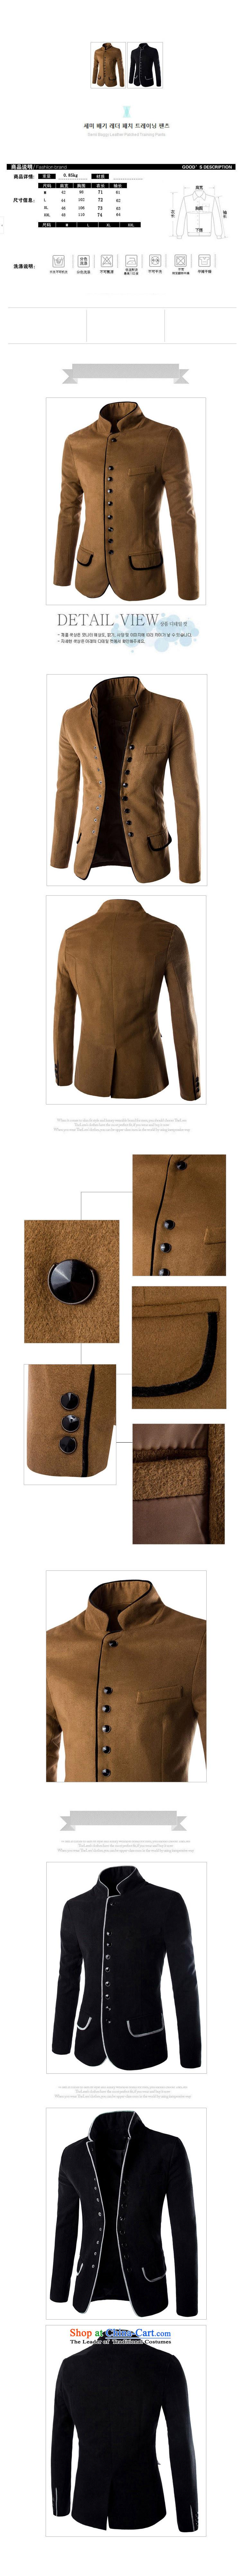 Dan Jie Shi 2015 Autumn new gross Small suit male fashion?